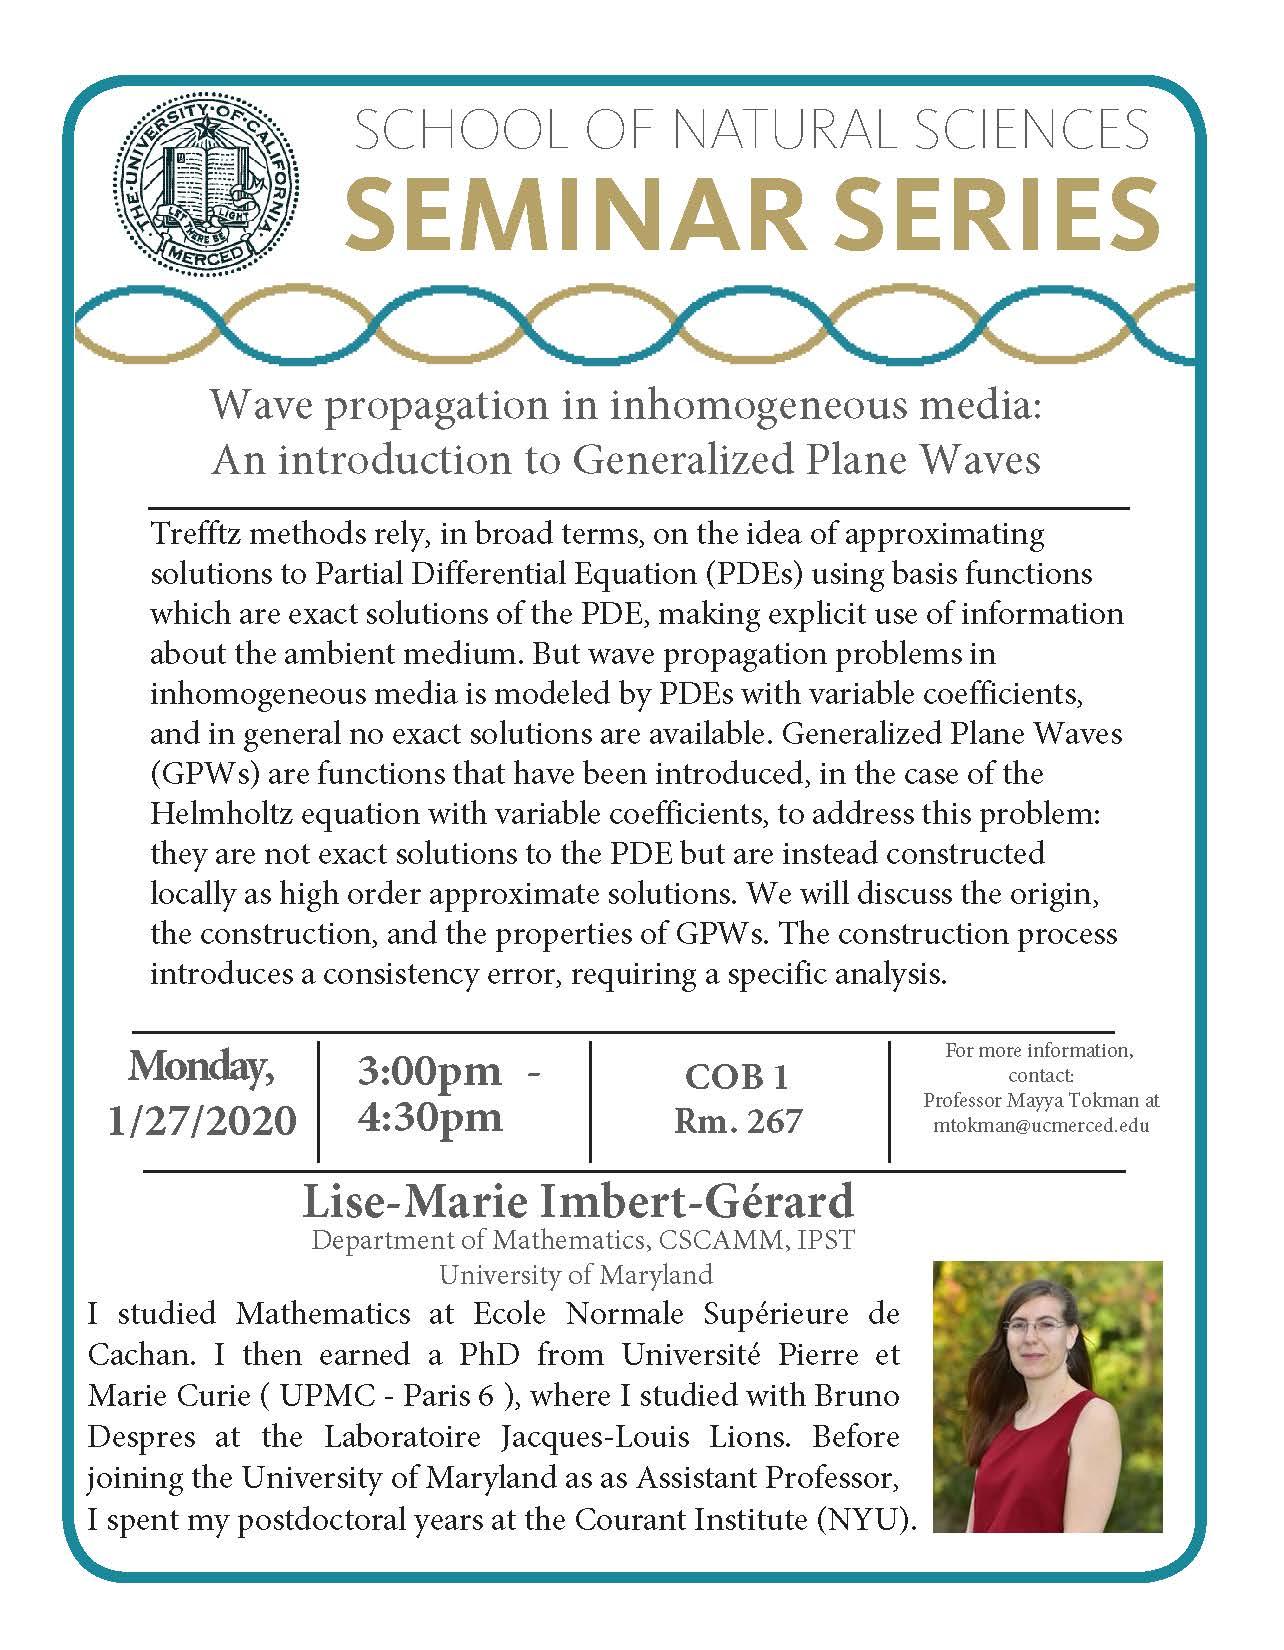 Applied Math Seminar: Dr. Lise-Marie Imbert-Gerard